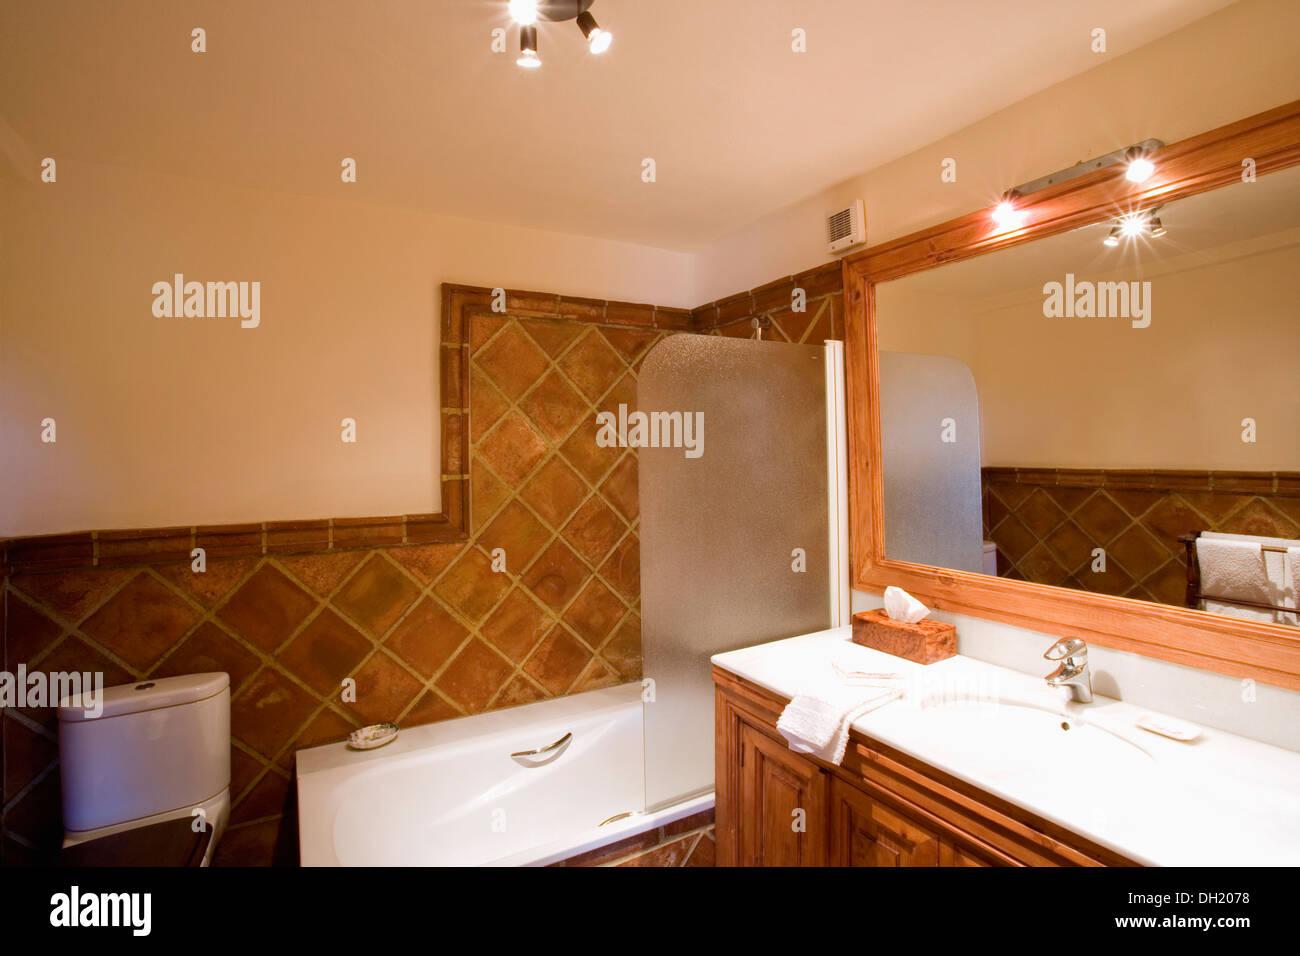 Lo schermo di vetro su vasca da bagno in una moderna stanza da bagno